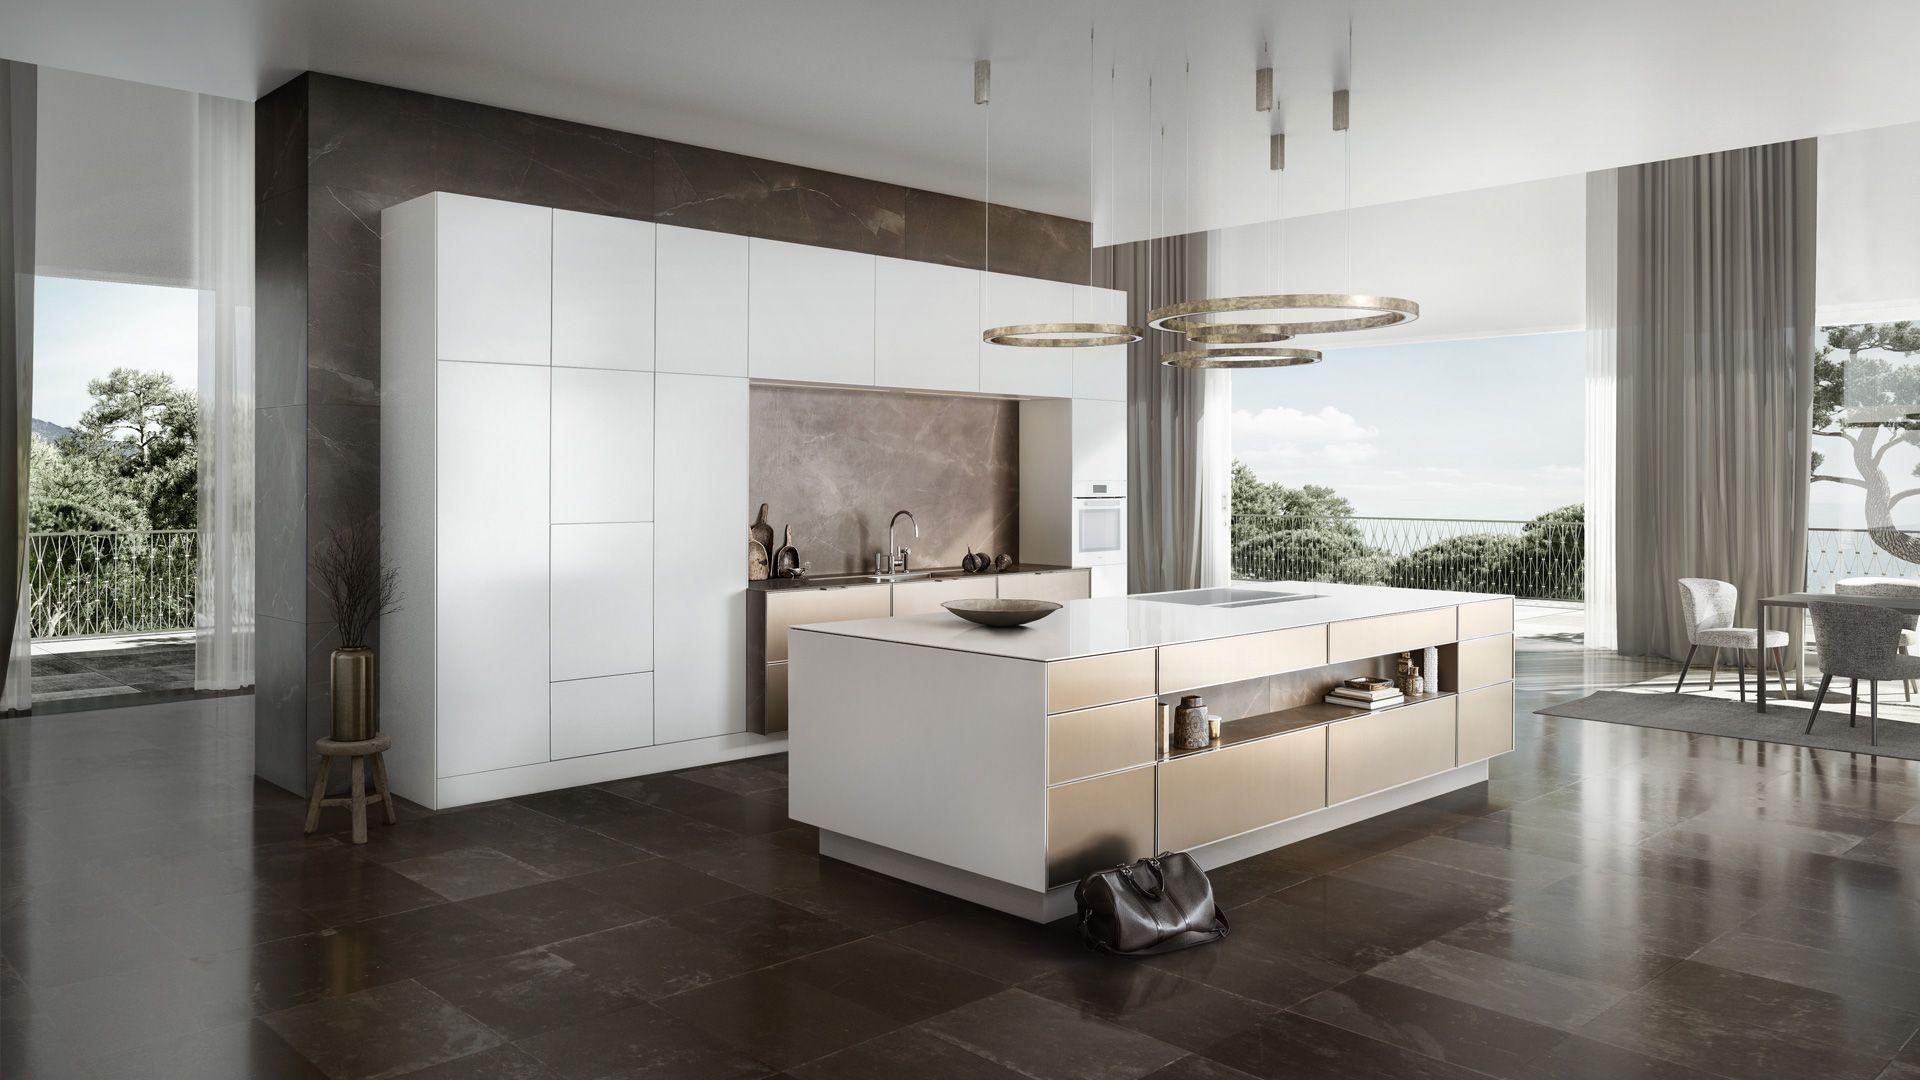 Siematic Minimalist Kitchens In Palma De Mallorca Espaciohdg Disenos De Cocinas Pequenas